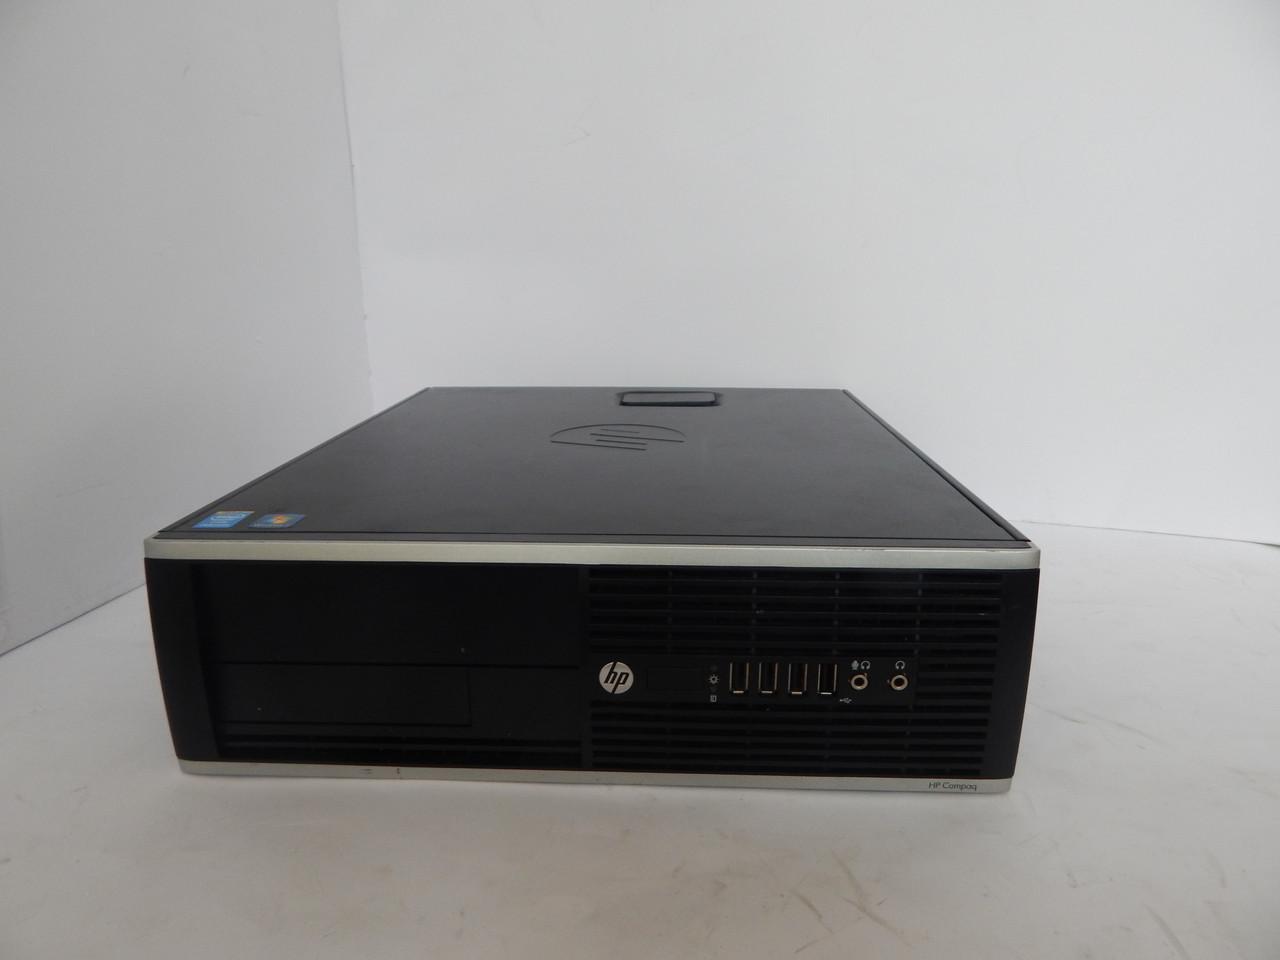 Комп'ютер б у HP 6200 sff i3-2100 ОЗУ 4ГБ DDR3 HDD 160ГБ